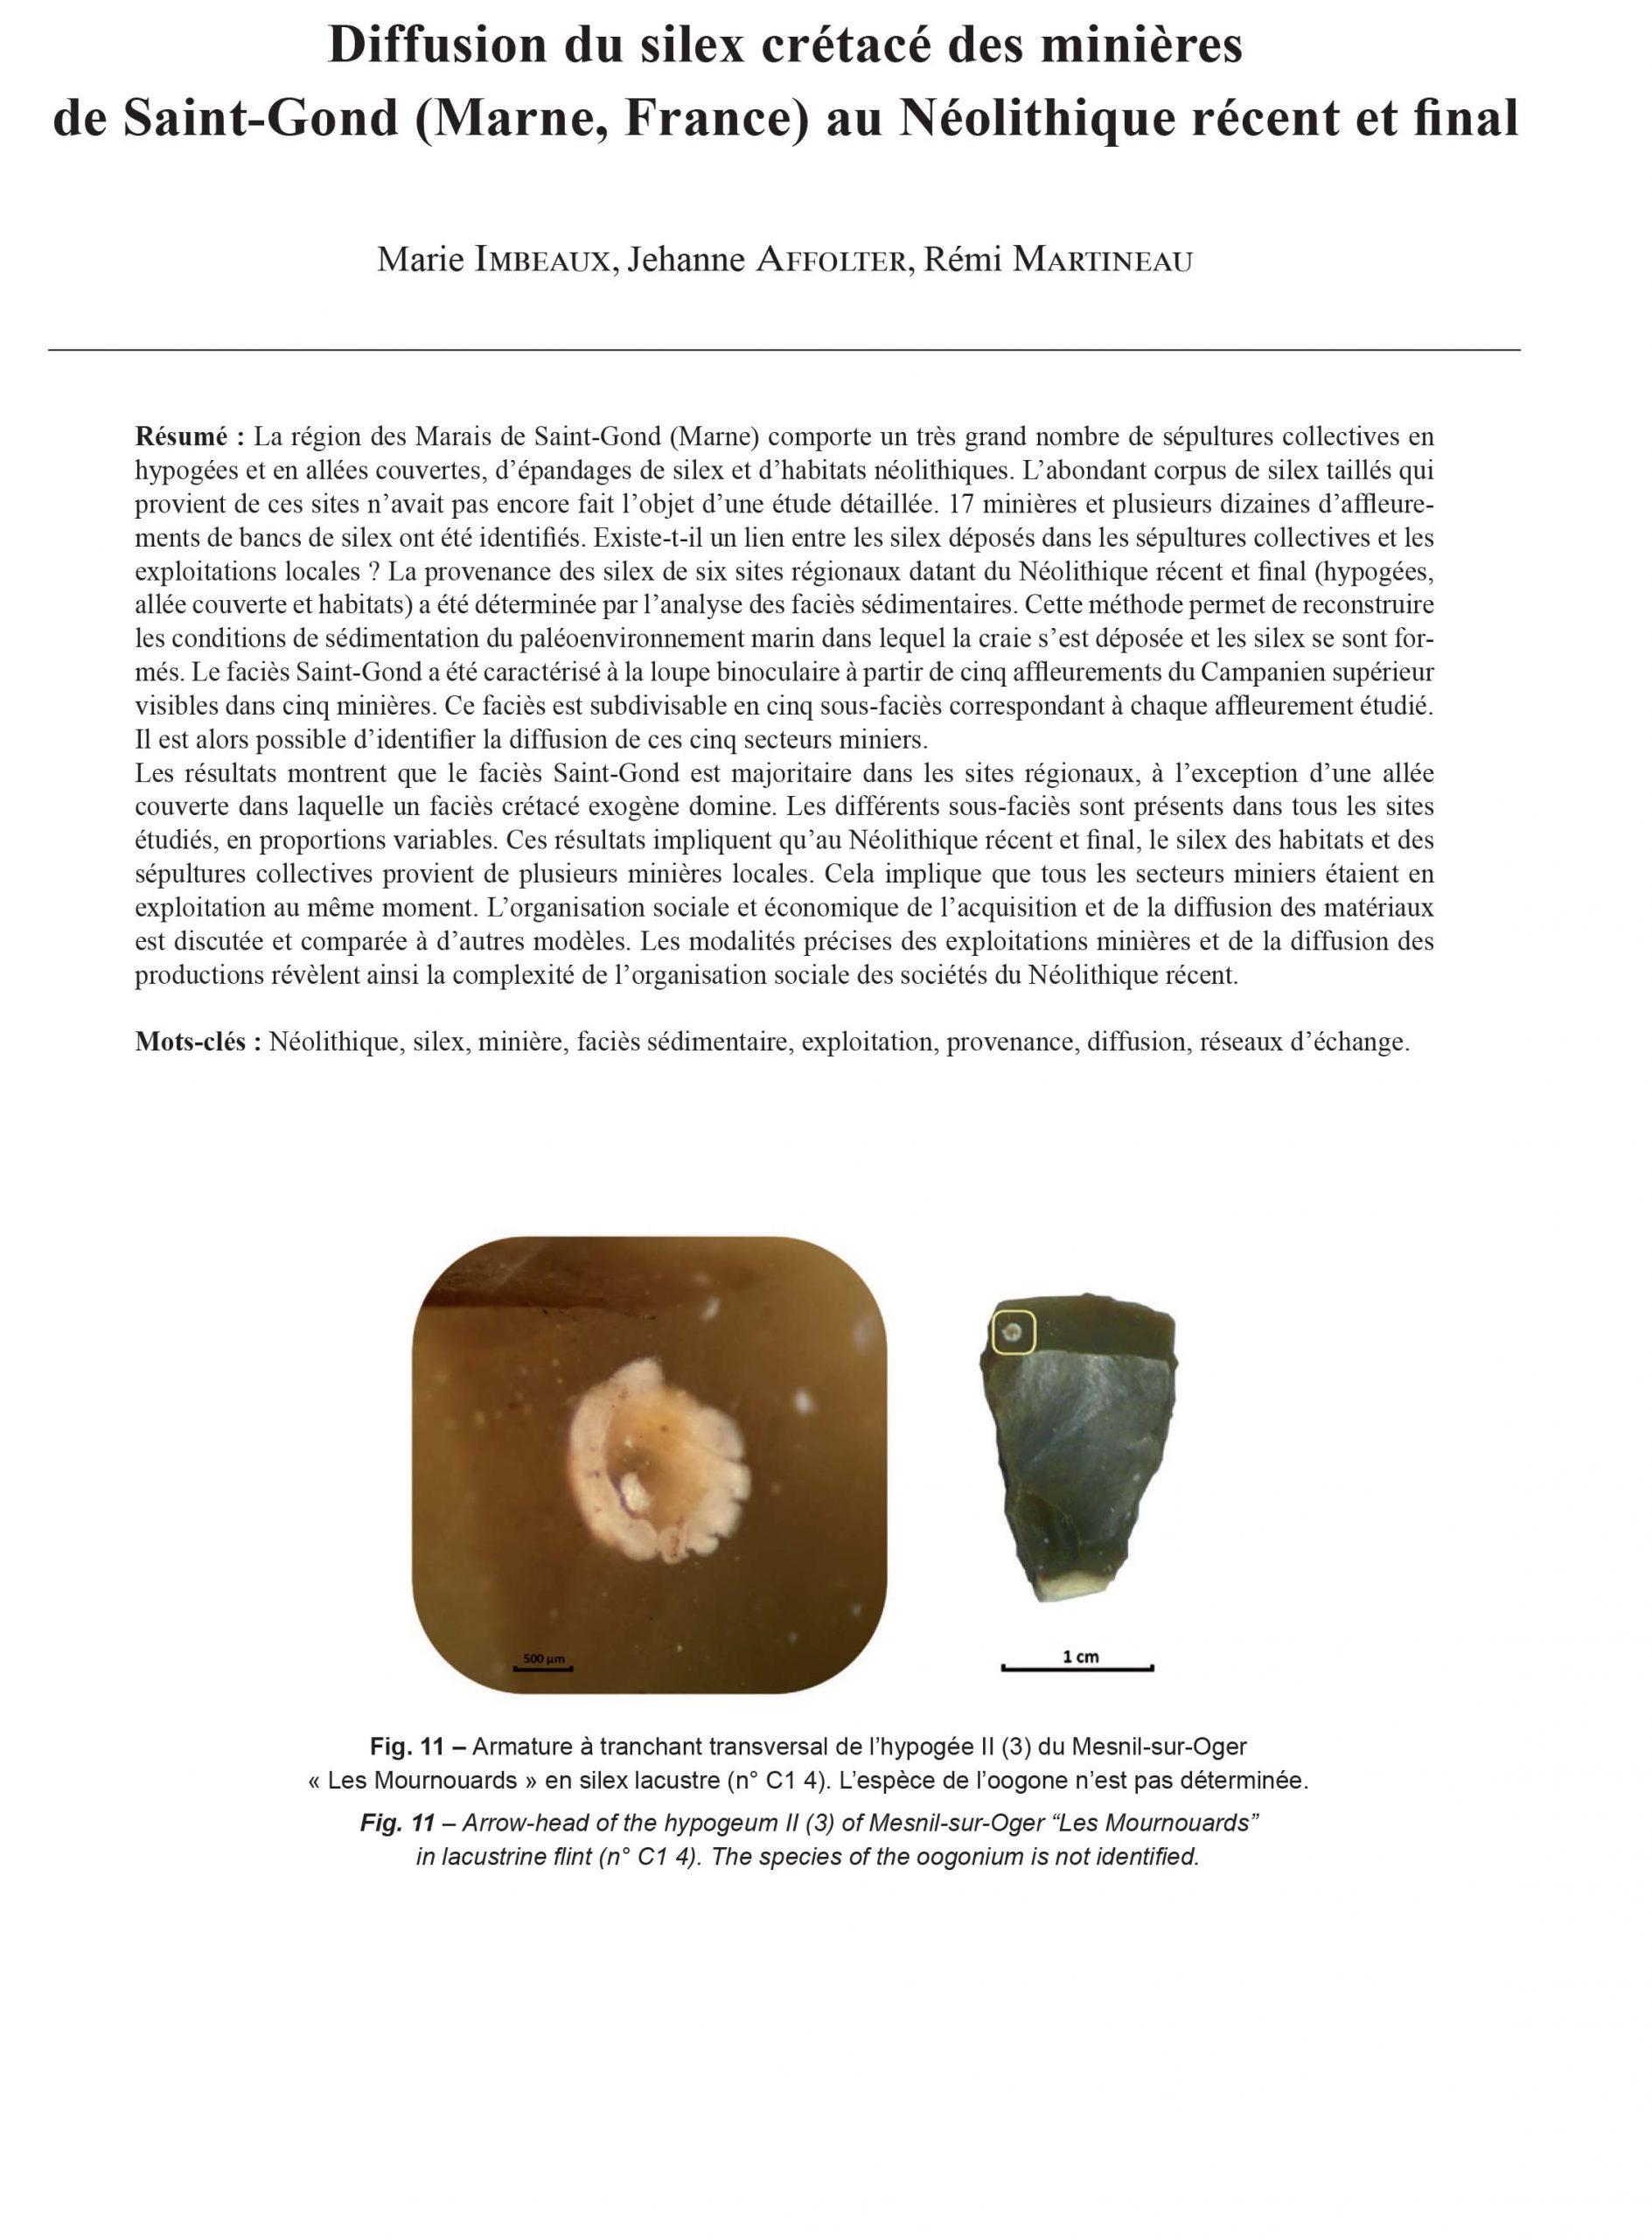 21-2018, Tome 115, 4, P. 733-767 - Imbeaux M., Affolter J., Martineau R.  (2018) – Diffusion Du Silex Crétacé Des Minières De Saint-Gond (Marne, encequiconcerne Region De France 2018